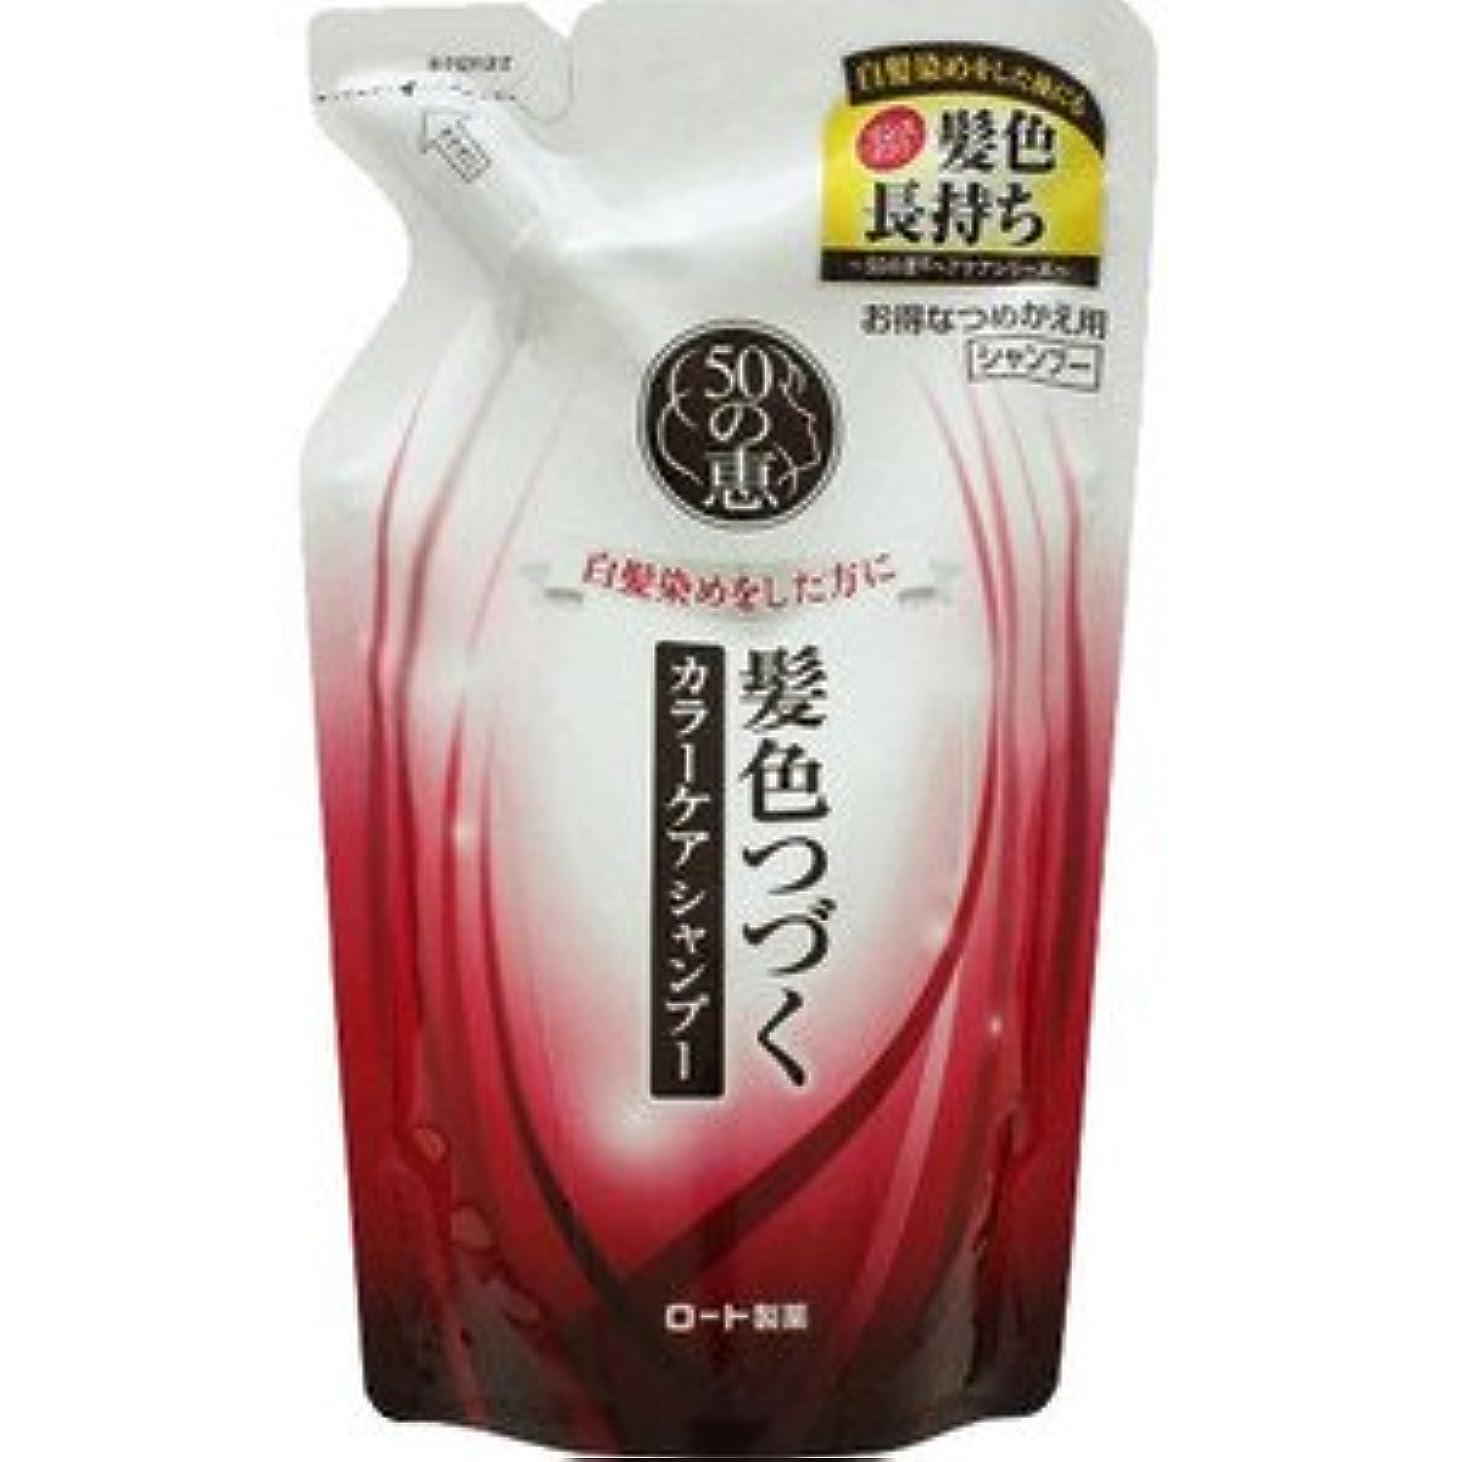 ランデブー娯楽悪意のある(ロート製薬)50の恵 髪色つづく カラーケア シャンプー(つめかえ用) 330ml(お買い得3個セット)